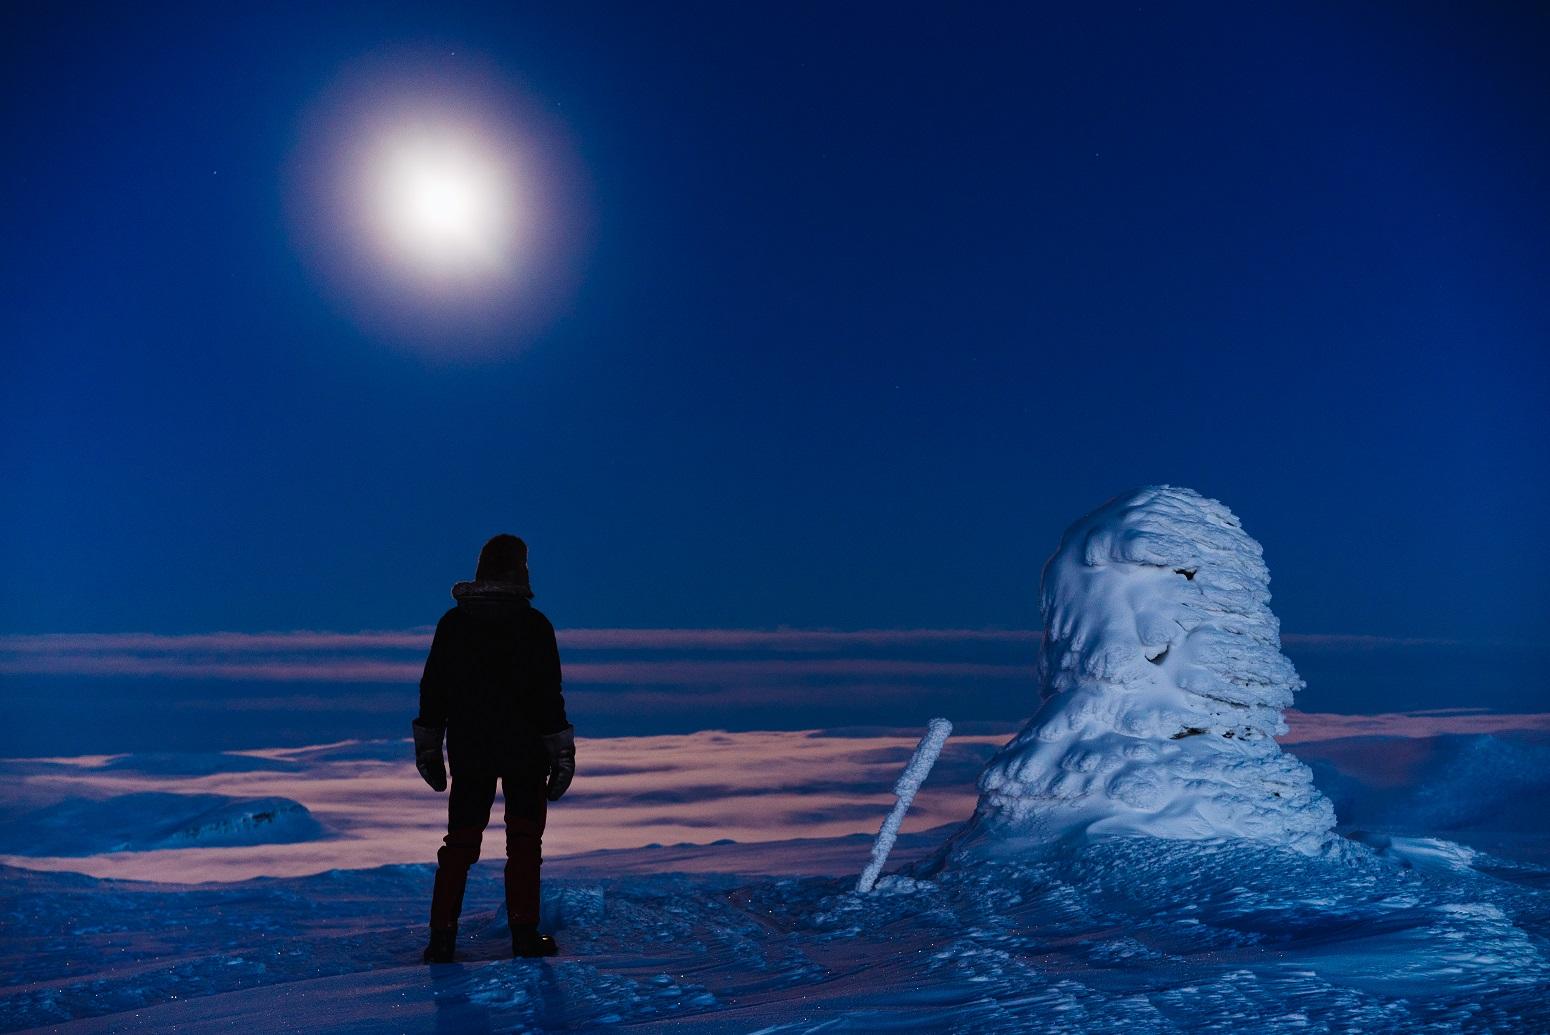 laponia auroras boreales elfos duendes santa claus